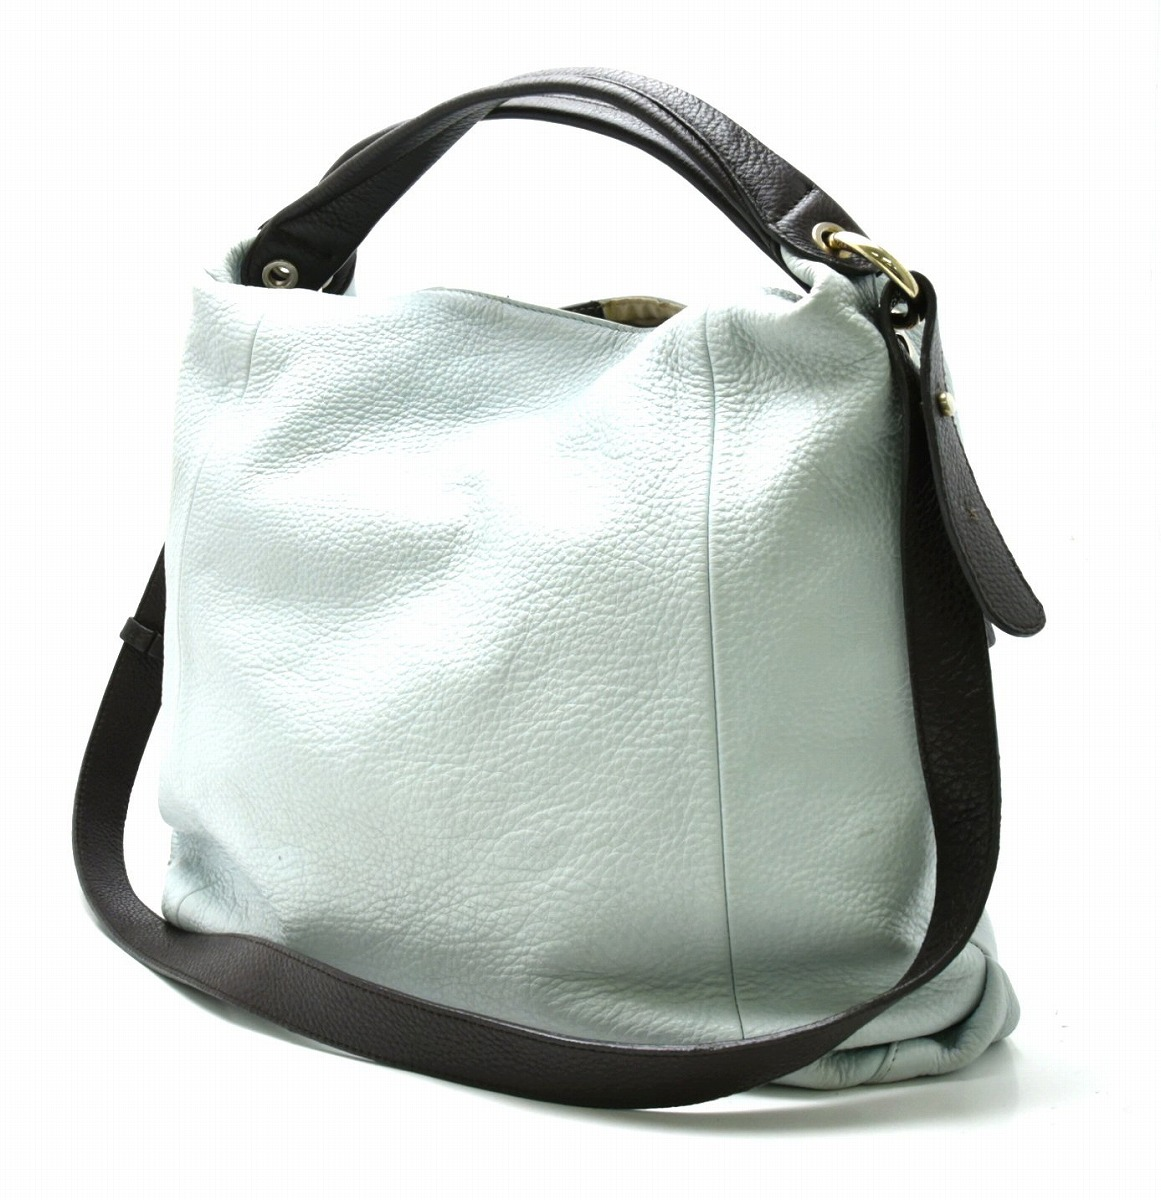 f7cff78fa3df 【バッグ】FURLAフルラ型押しレザーハンドバッグ2WAYショルダーバッグ肩掛けライトブルー水色